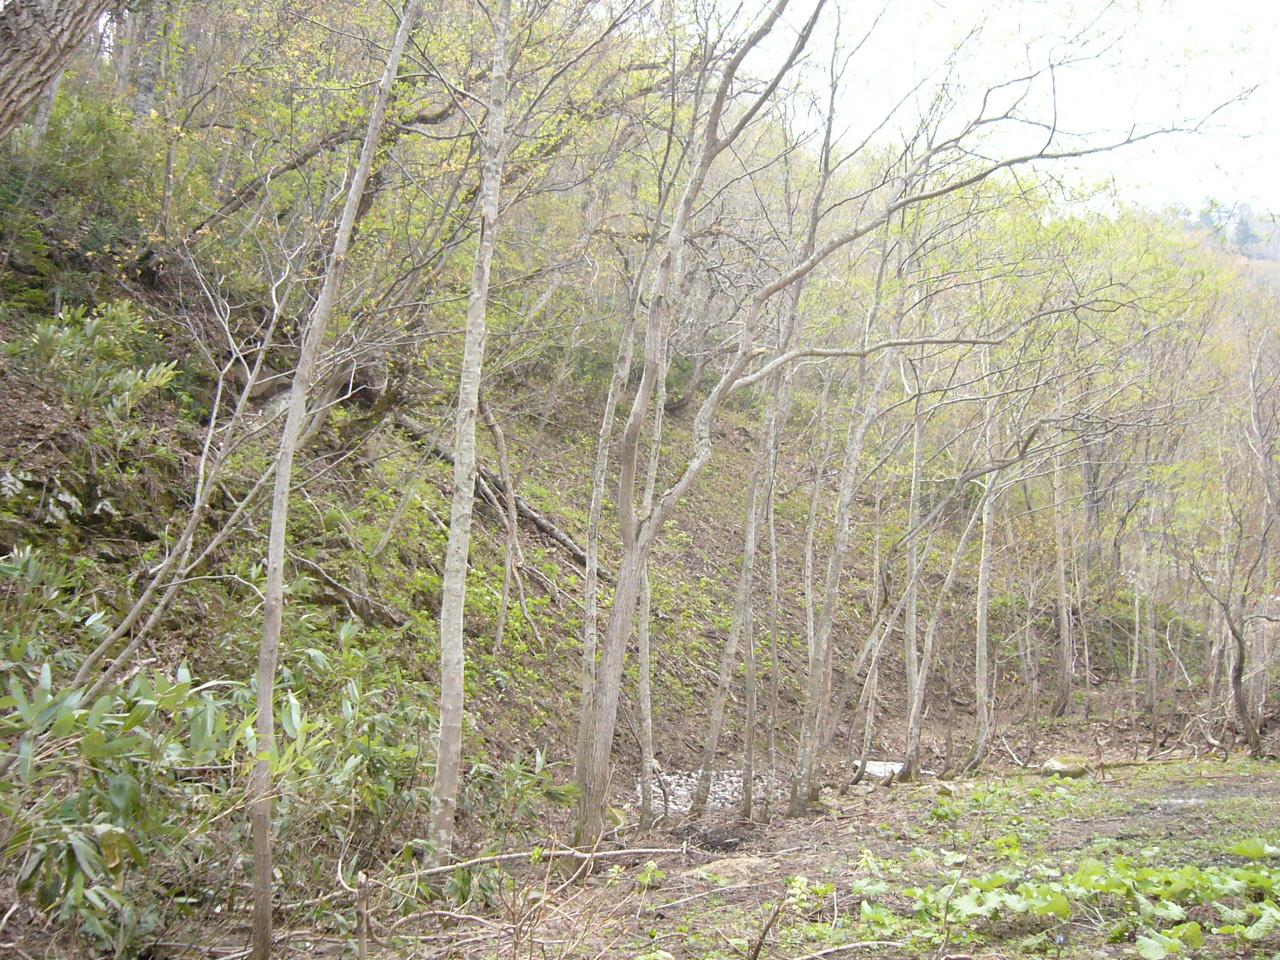 山の樹林は5月になるとようやく芽吹きです。(2008年5月撮影)